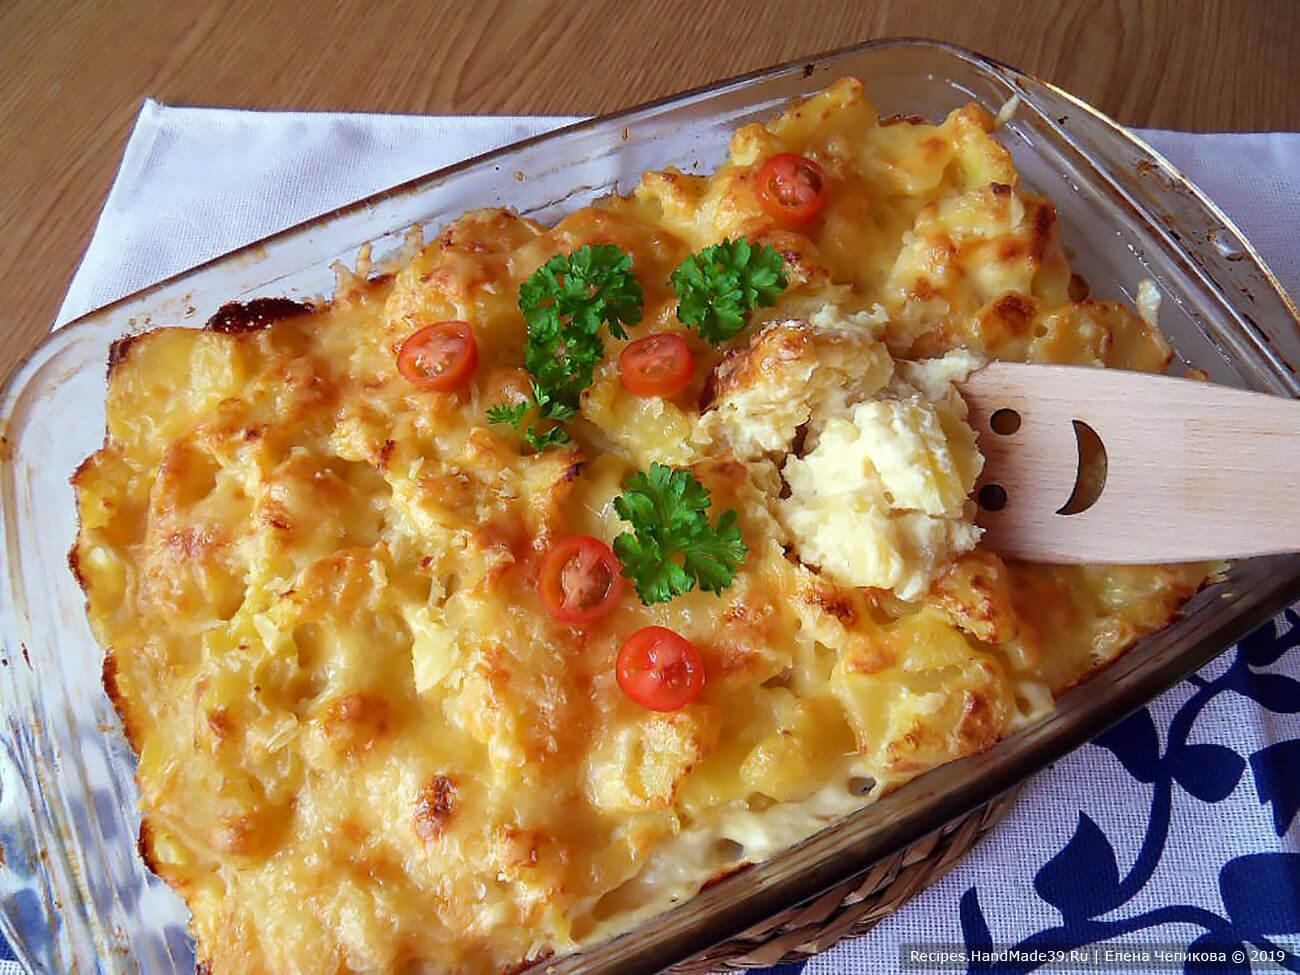 Запекать 30 минут в духовке, разогретой до температуры 180 °C, и наш картофель по-итальянски готов, приятного аппетита!